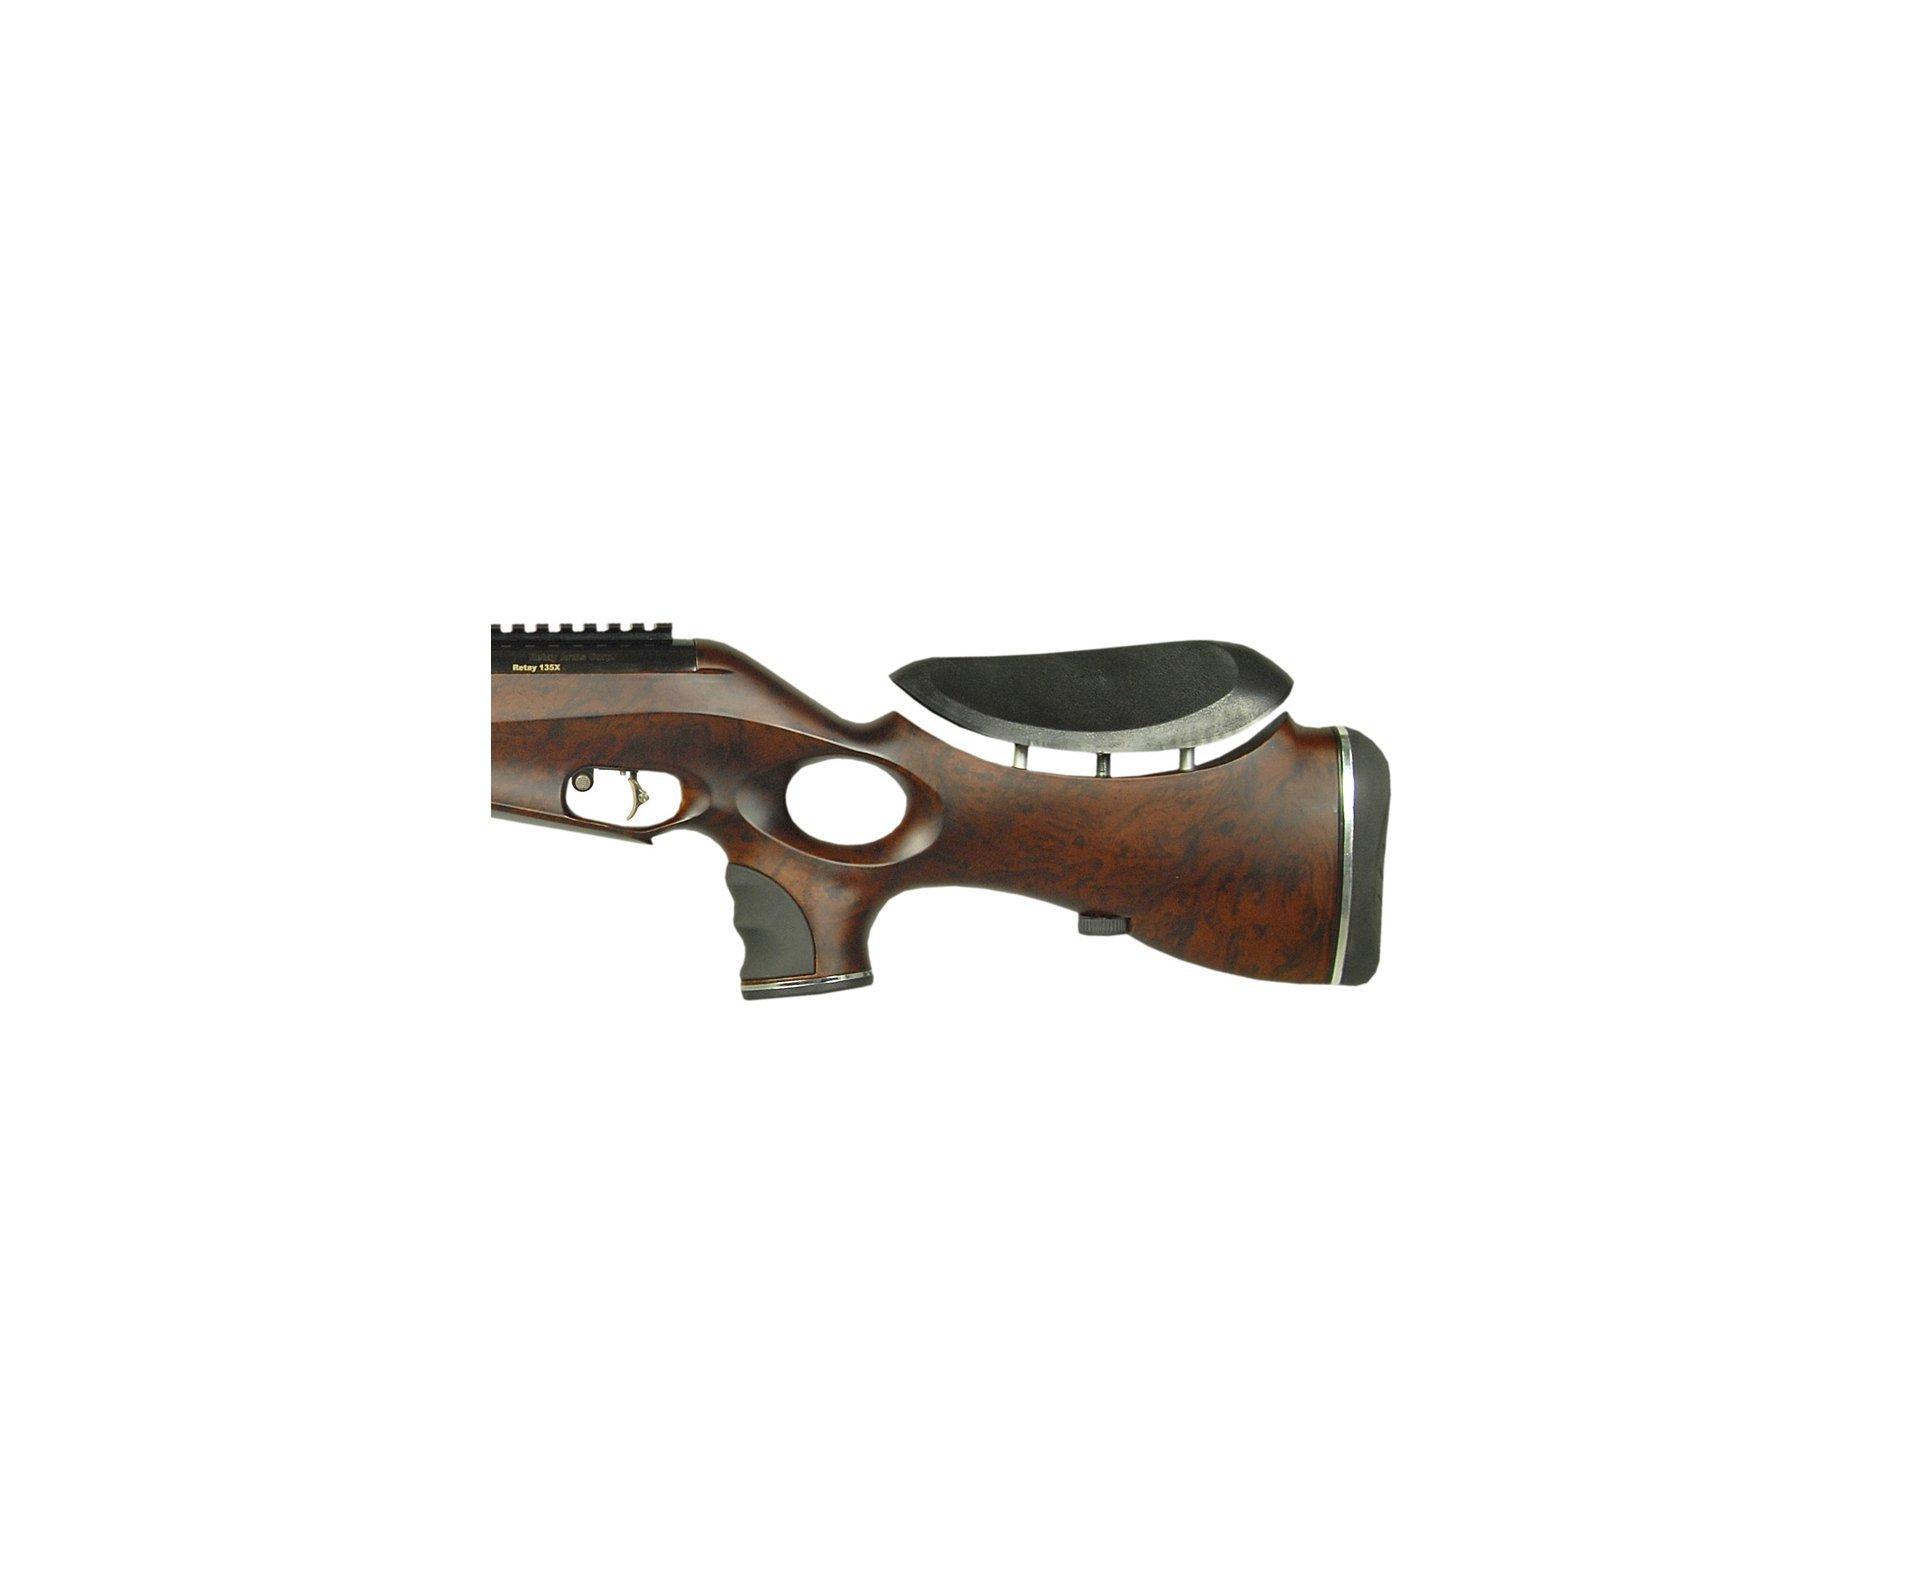 Carabina De Pressão Mod 135x Wood - Cal 5,5 Mm - Retay